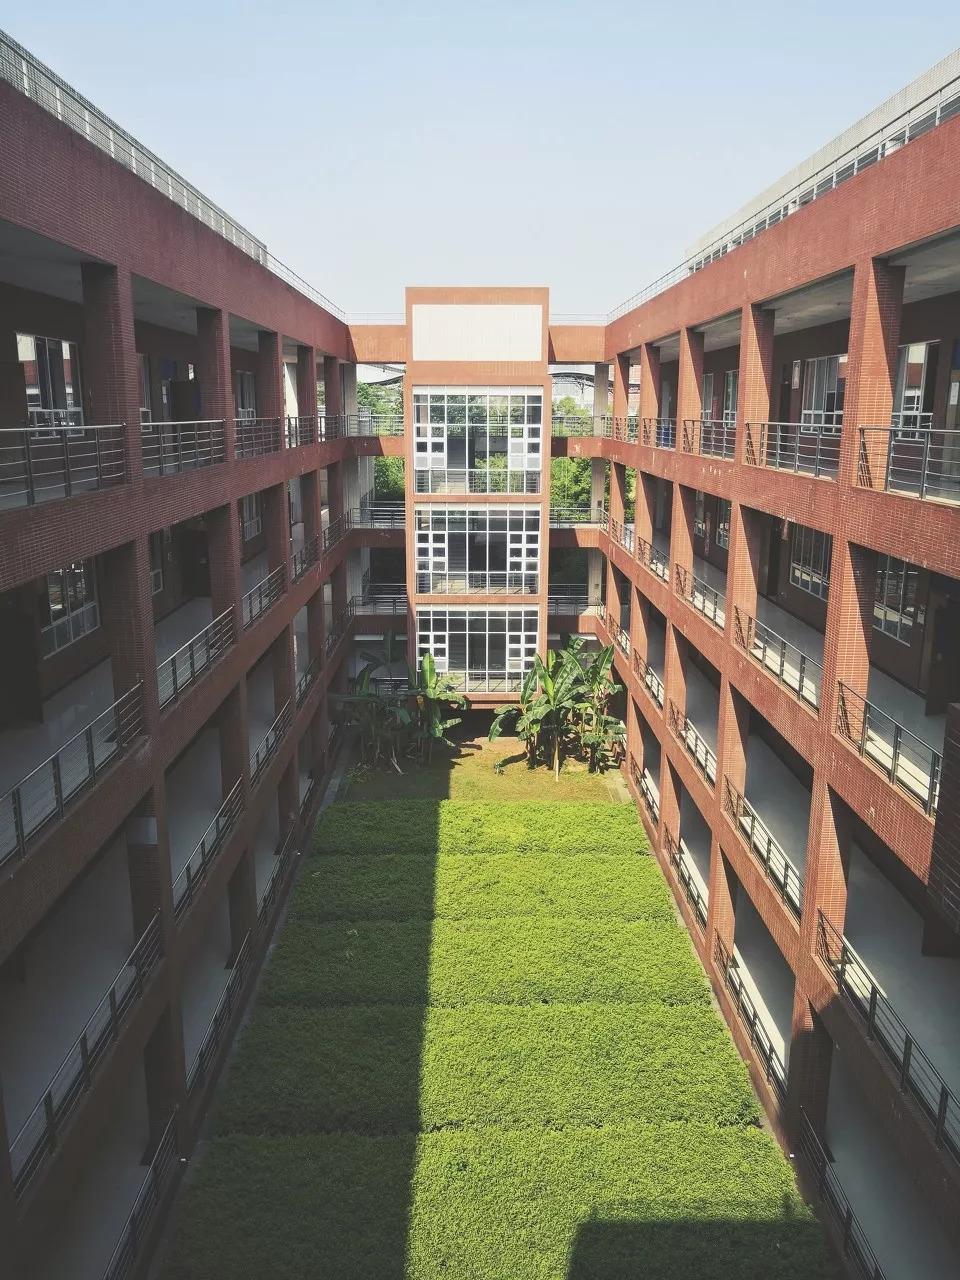 长沙理工大学的住宿条件怎么样?